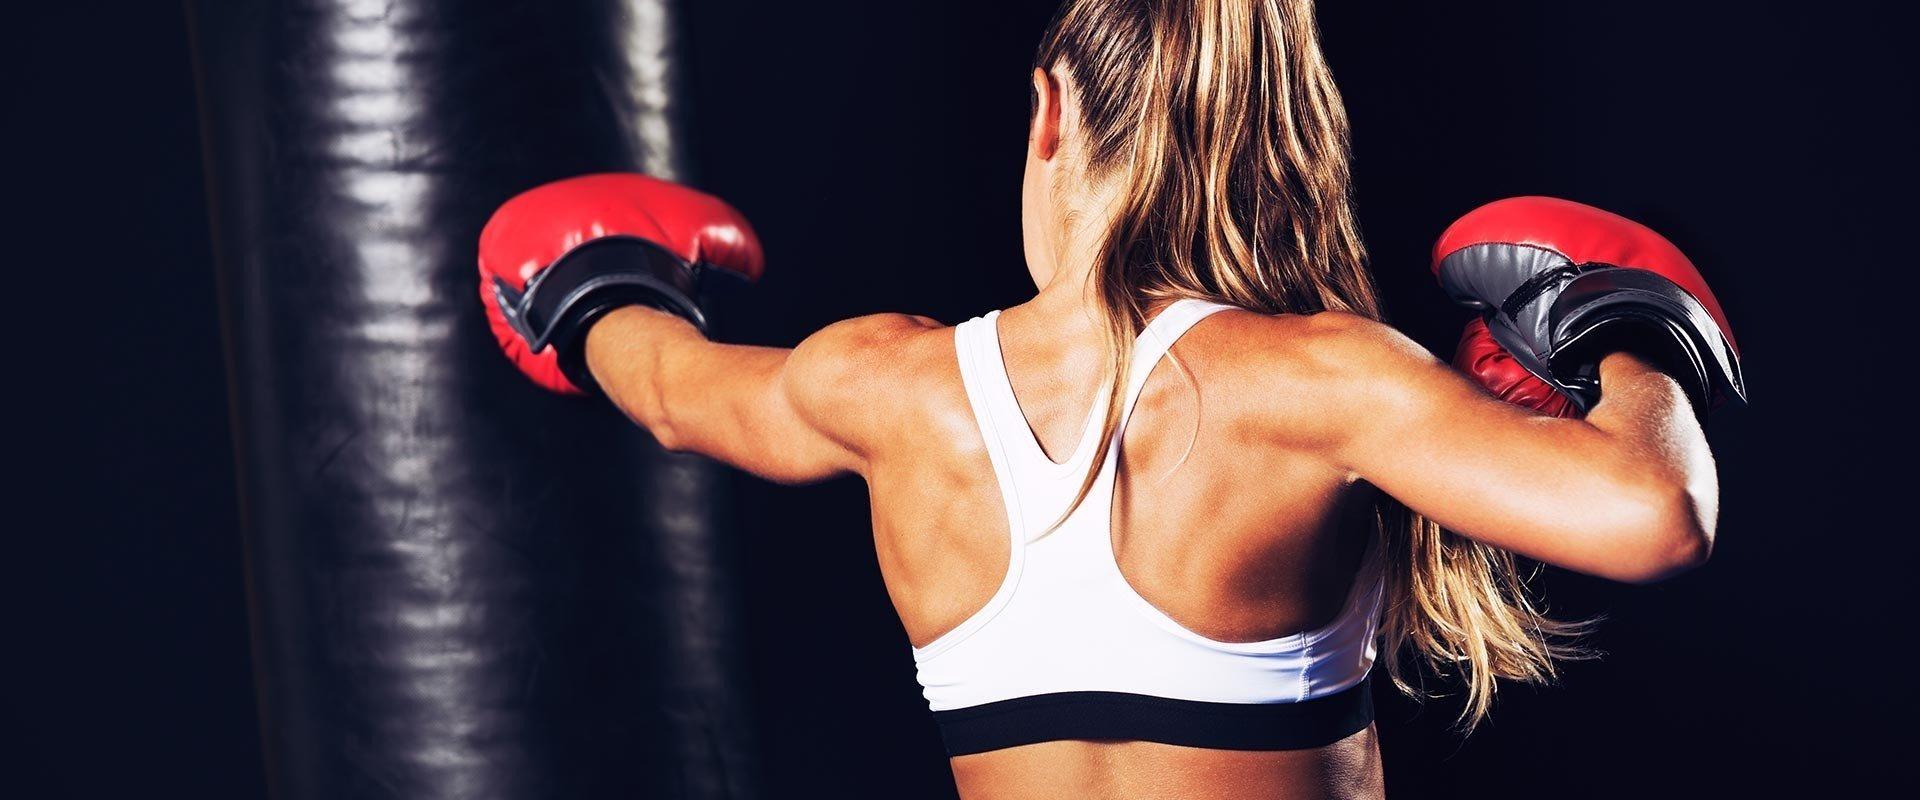 Интенсив Girls Only: спортивный рай для сильных девочек